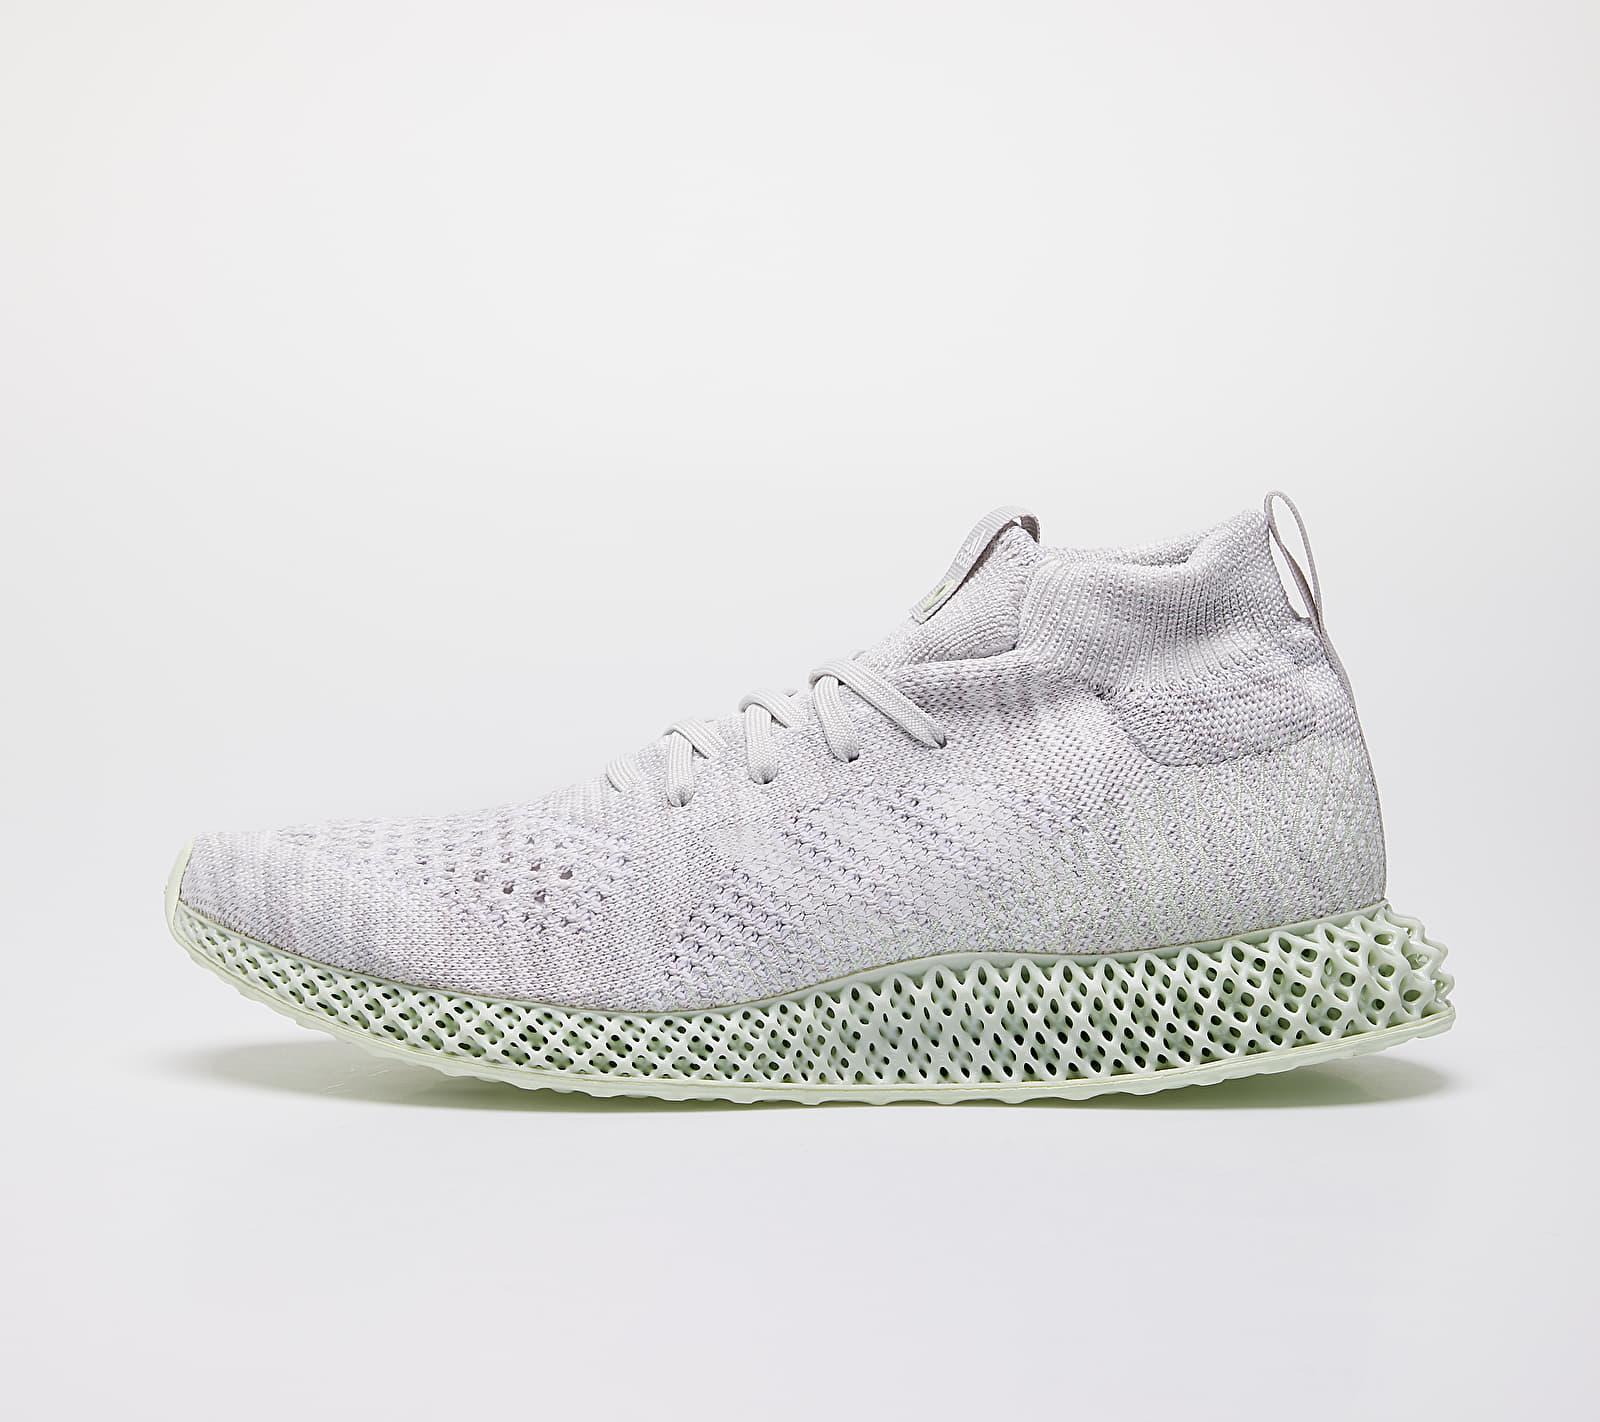 adidas Consortium Runner Mid 4D White/ White/ White EE4116